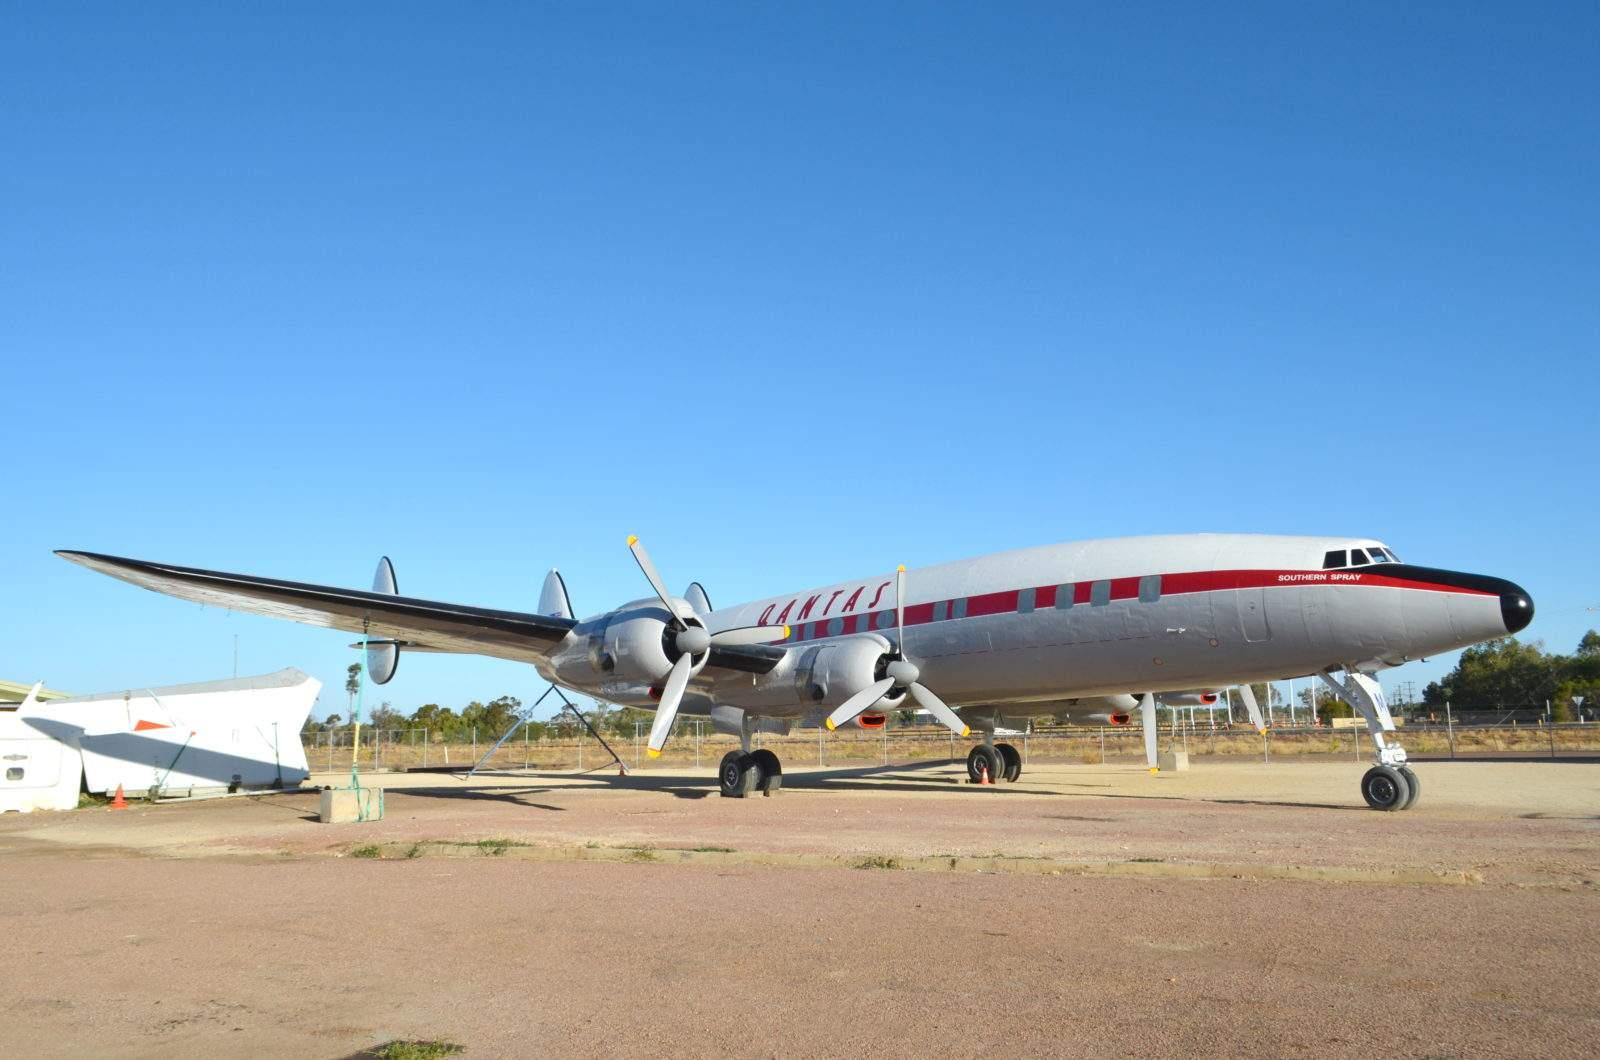 27ae76eeb7 El Air Force One de Manila: una reliquia de la aviación abandonada se  convierte en museo